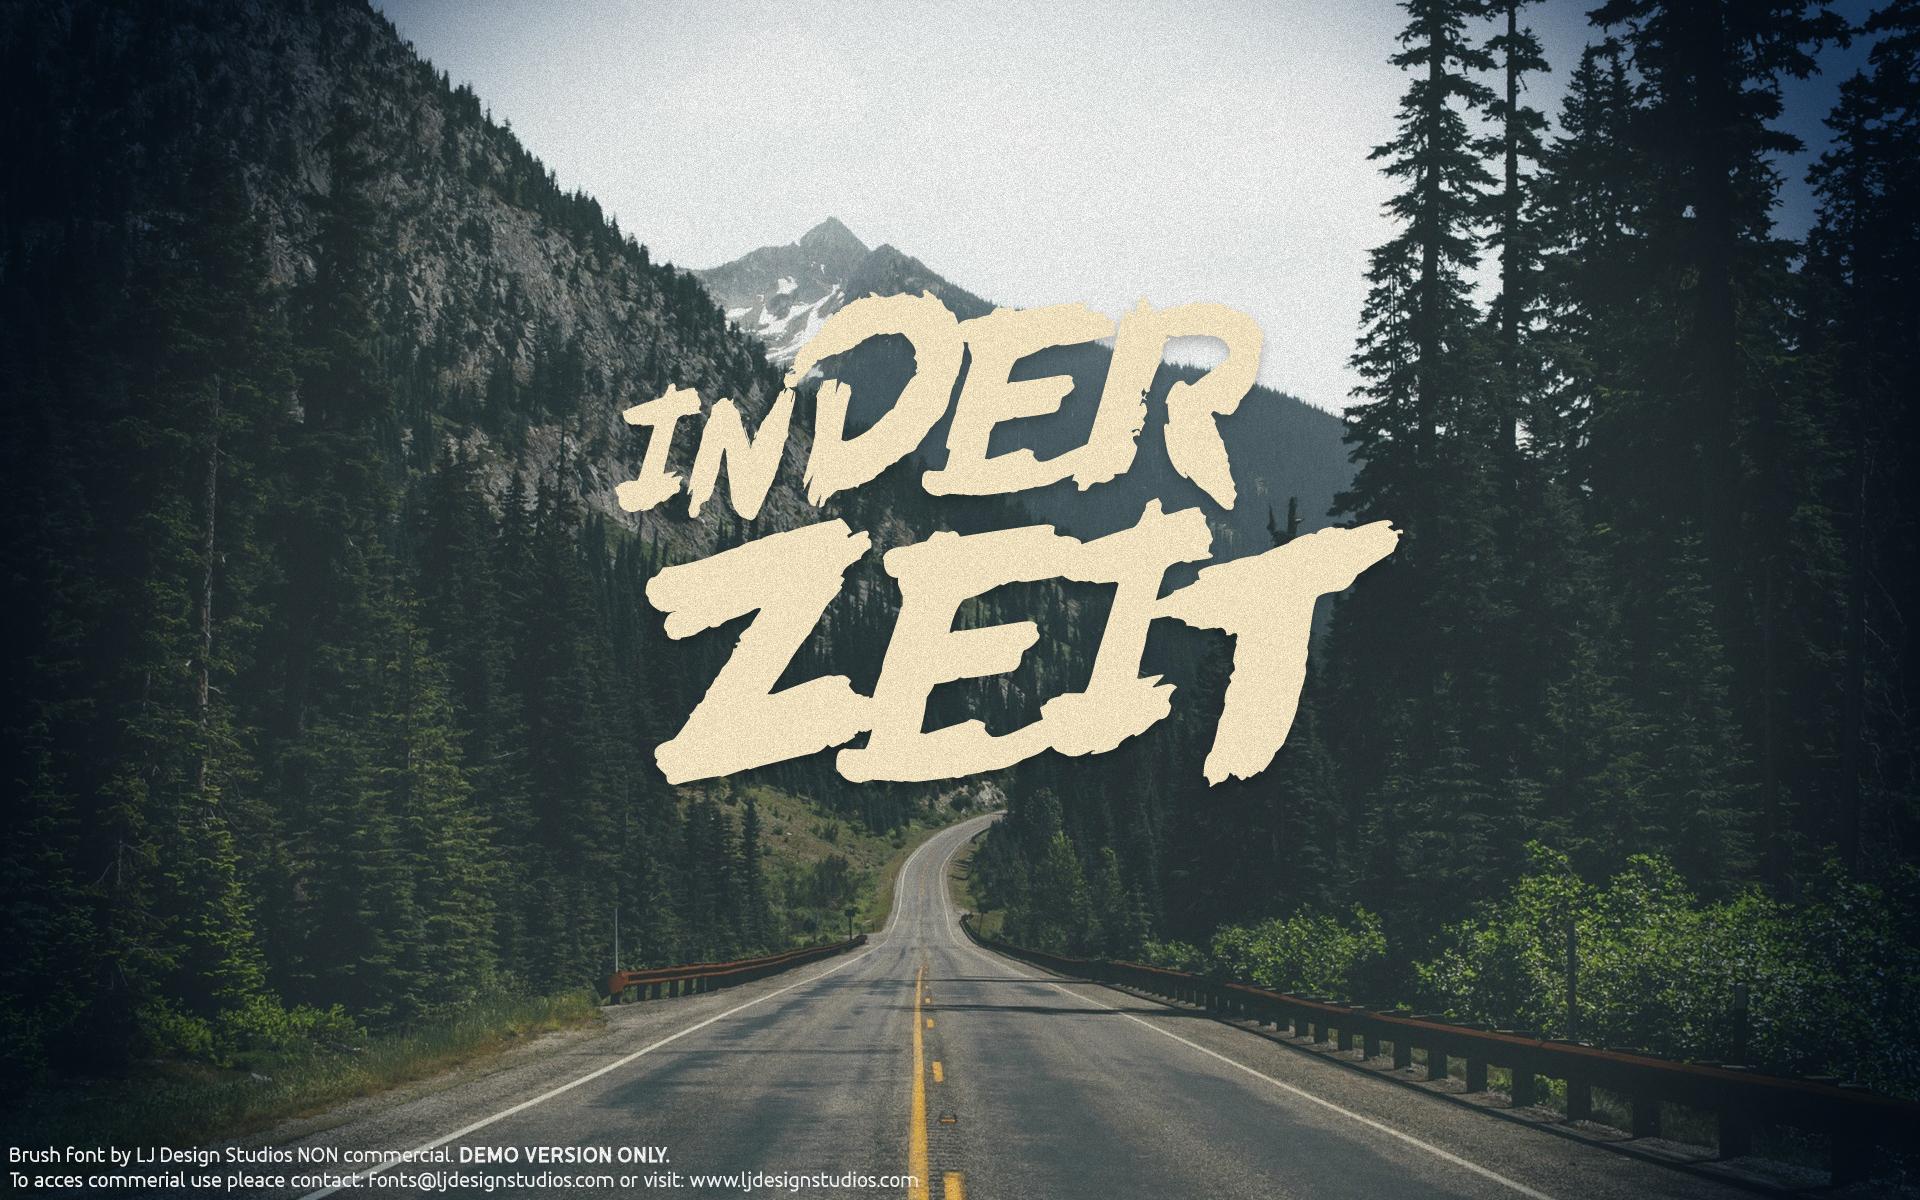 In der Zeit example image 3